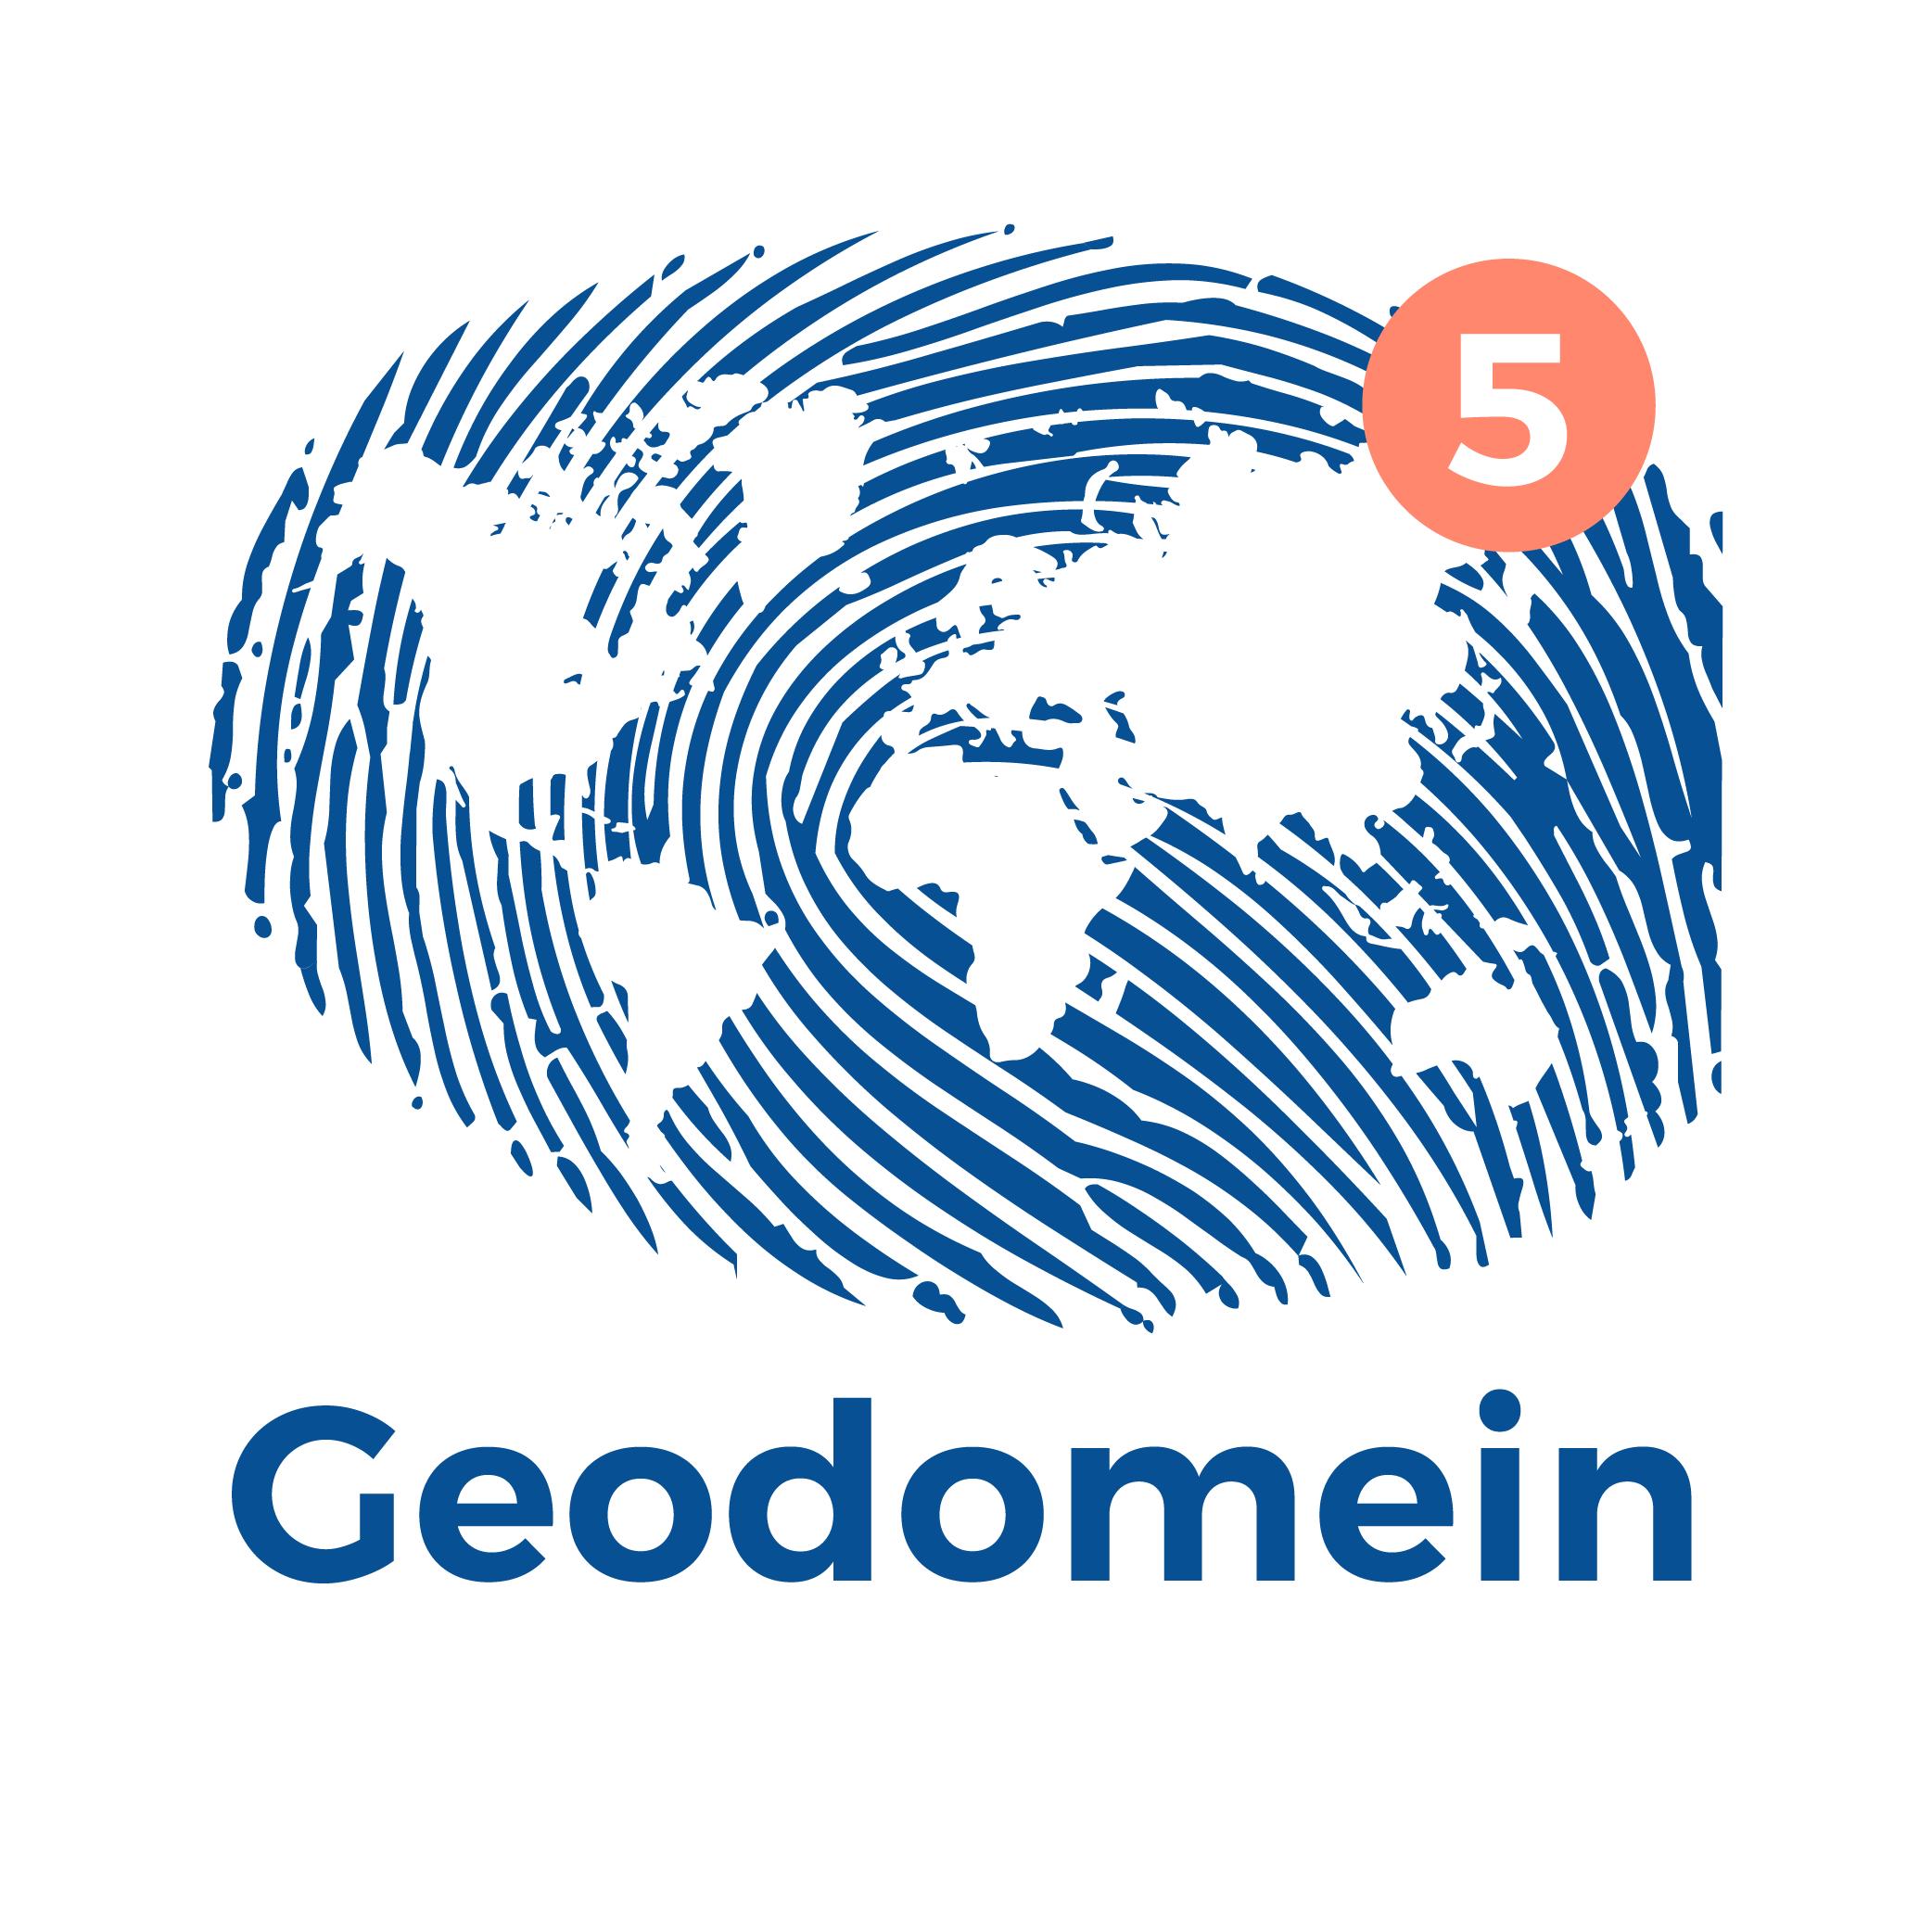 Logo geodomein social media logo gedomein social media